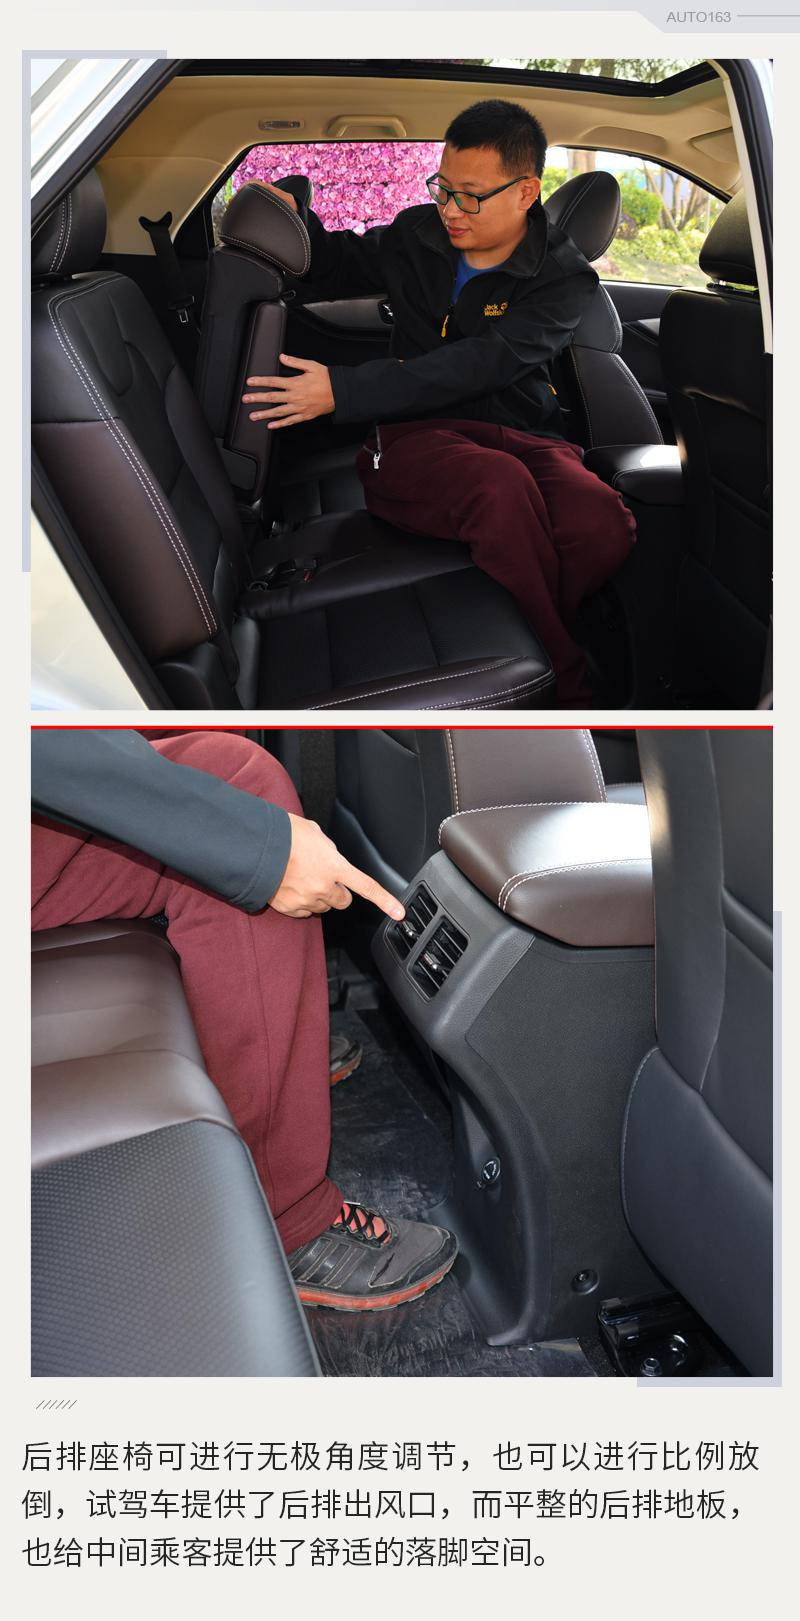 向年轻态进化 网易汽车试驾东风风光S560